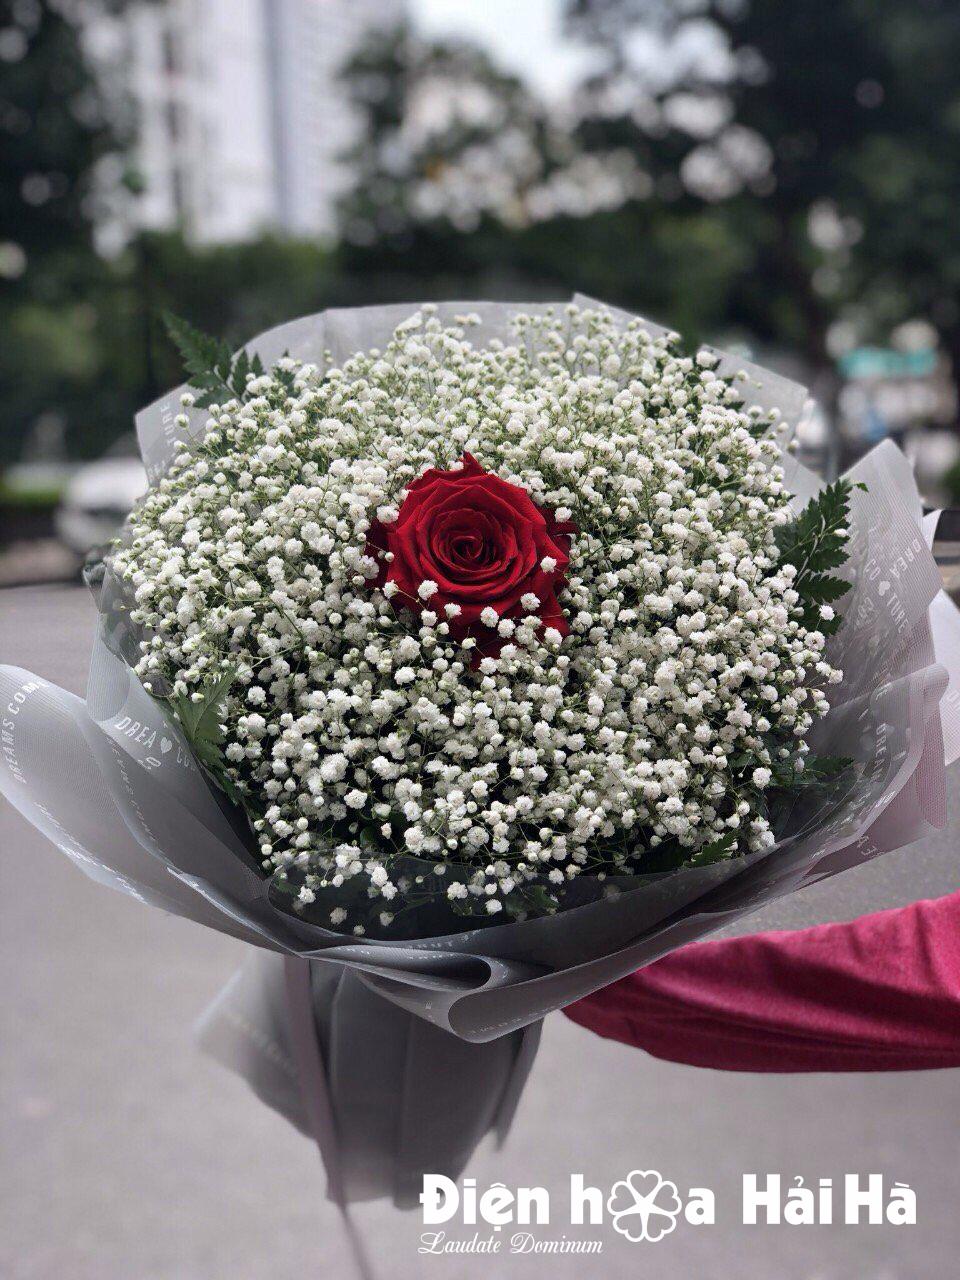 Bó hoa baby trắng kèm 1 bông hồng đỏ Ecuador